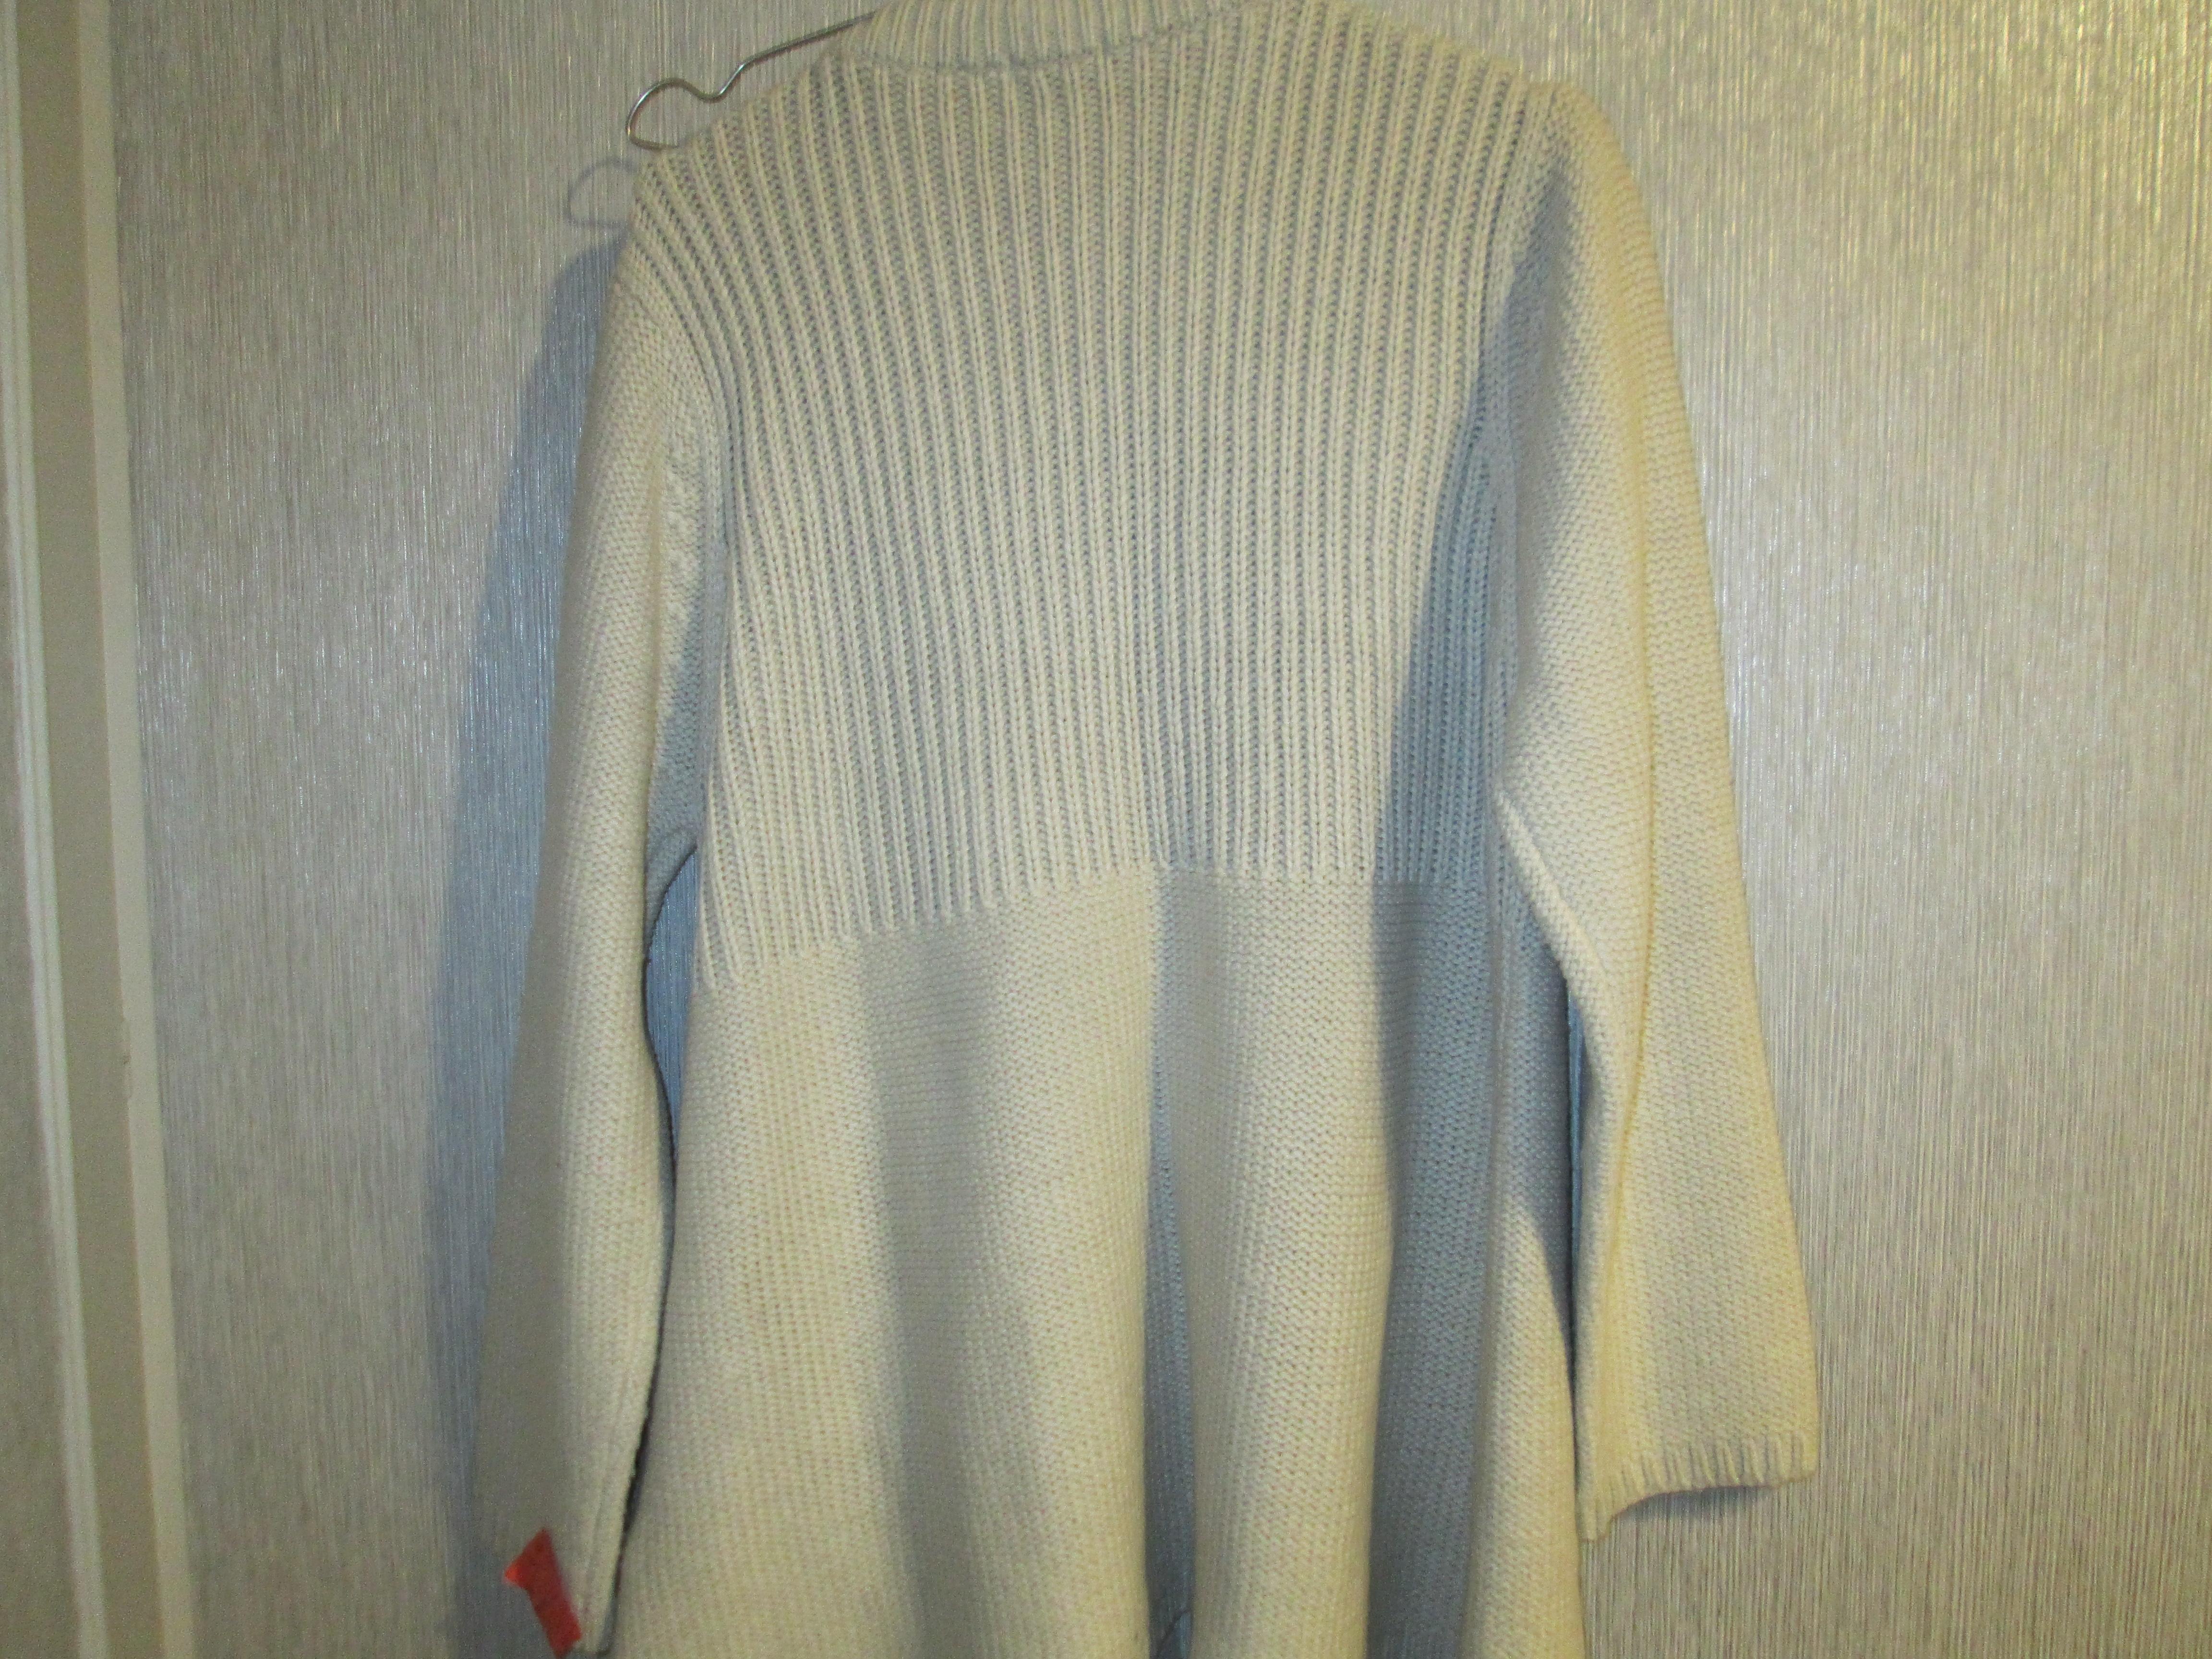 troc de troc reserve    veste de laine damard  taille 46/48 25 noisettes image 1